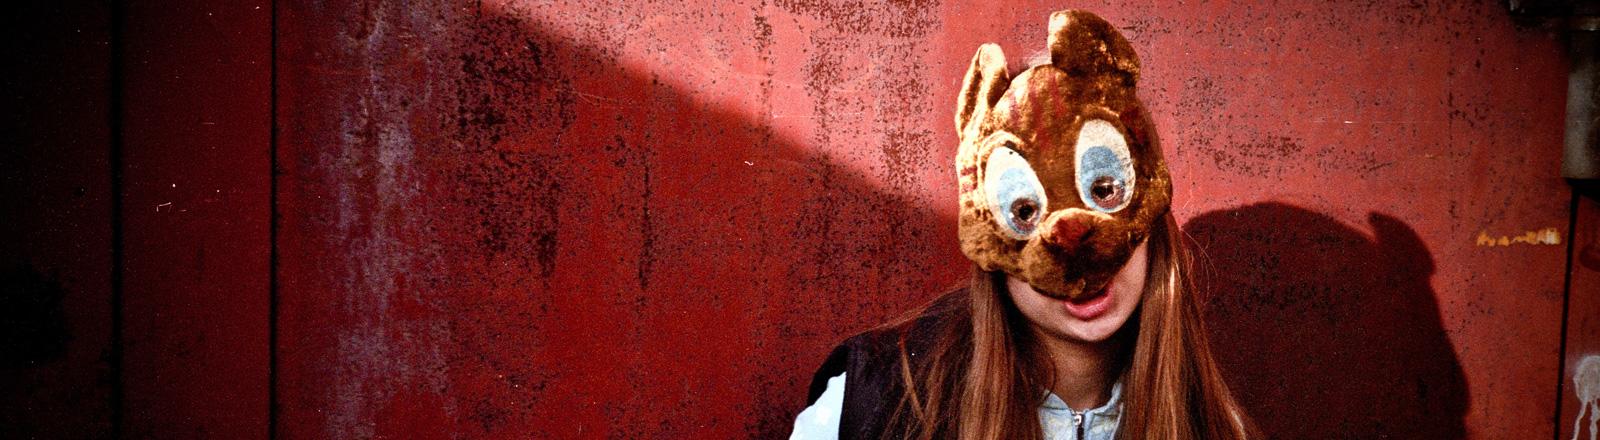 Eine Frau mit langen Haaren trägt eine Maske, ähnlich einem Bären, mit großen Augen und Ohren. Sie steht vor einer roten Wand.